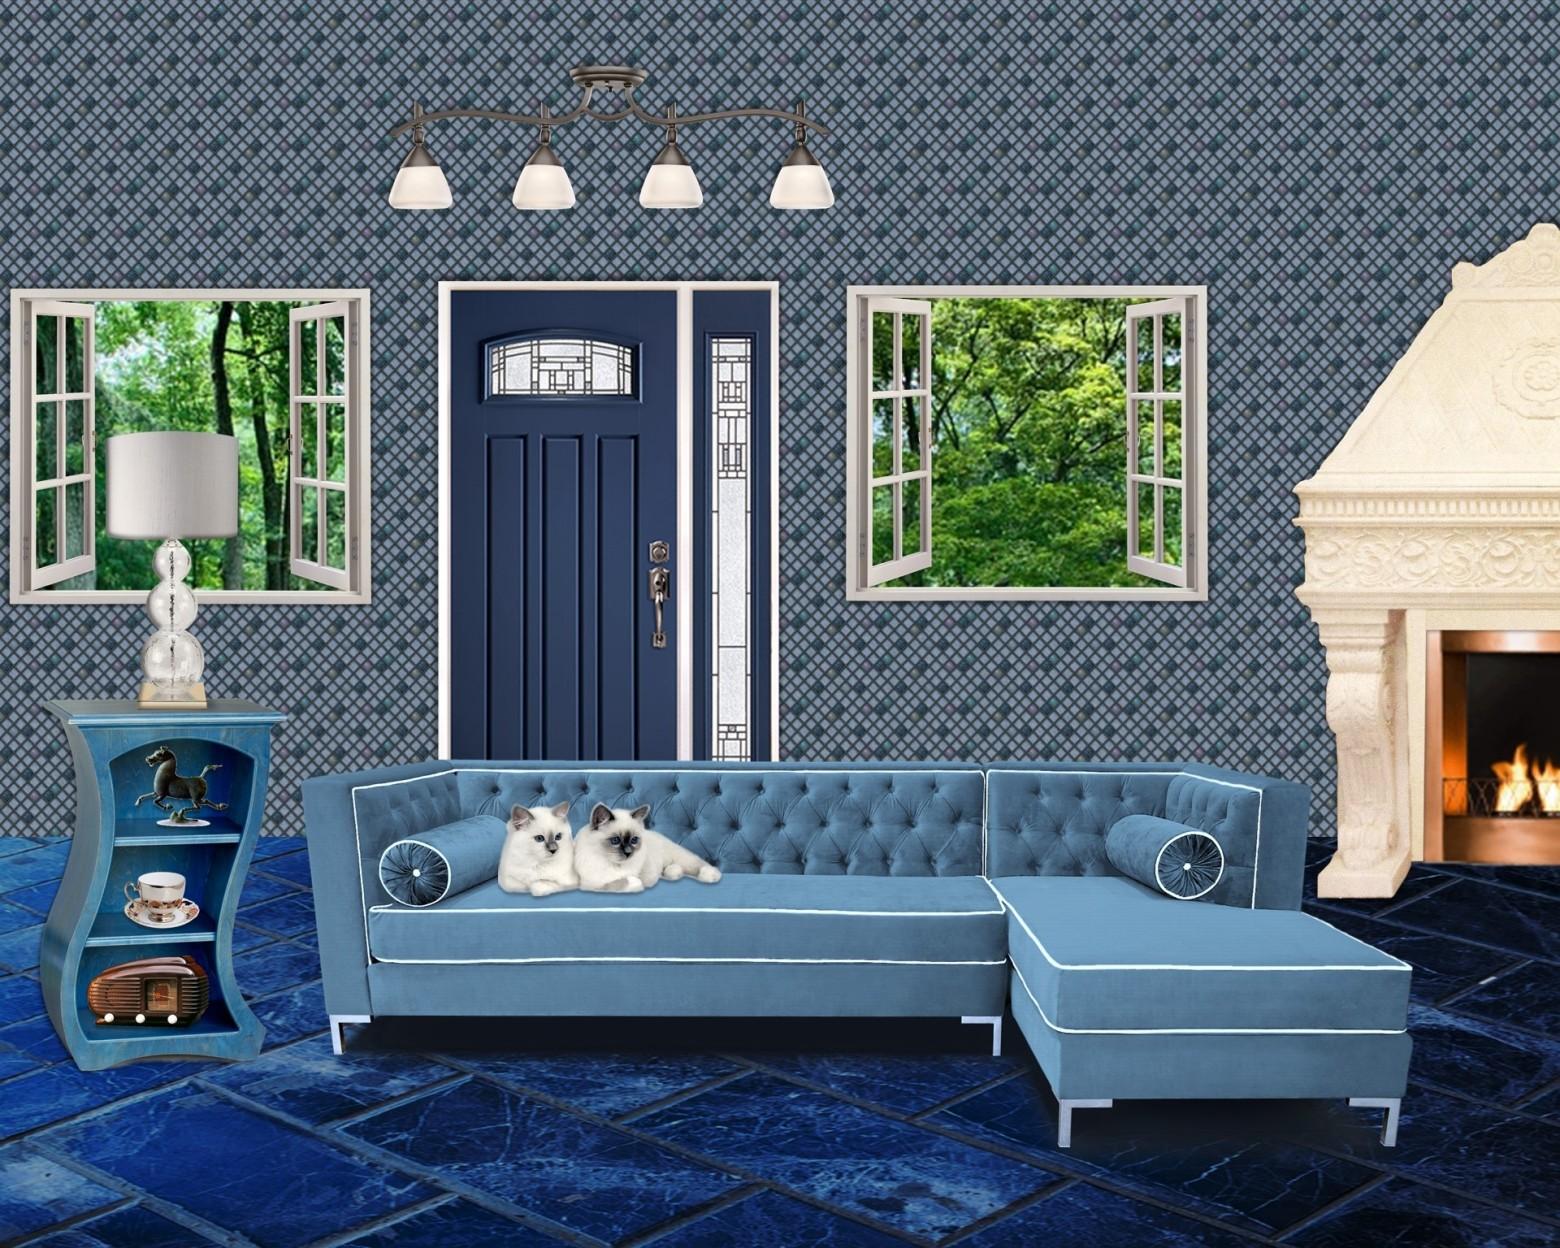 maison intérieur salon 3d images photos hd gratuites | images ...